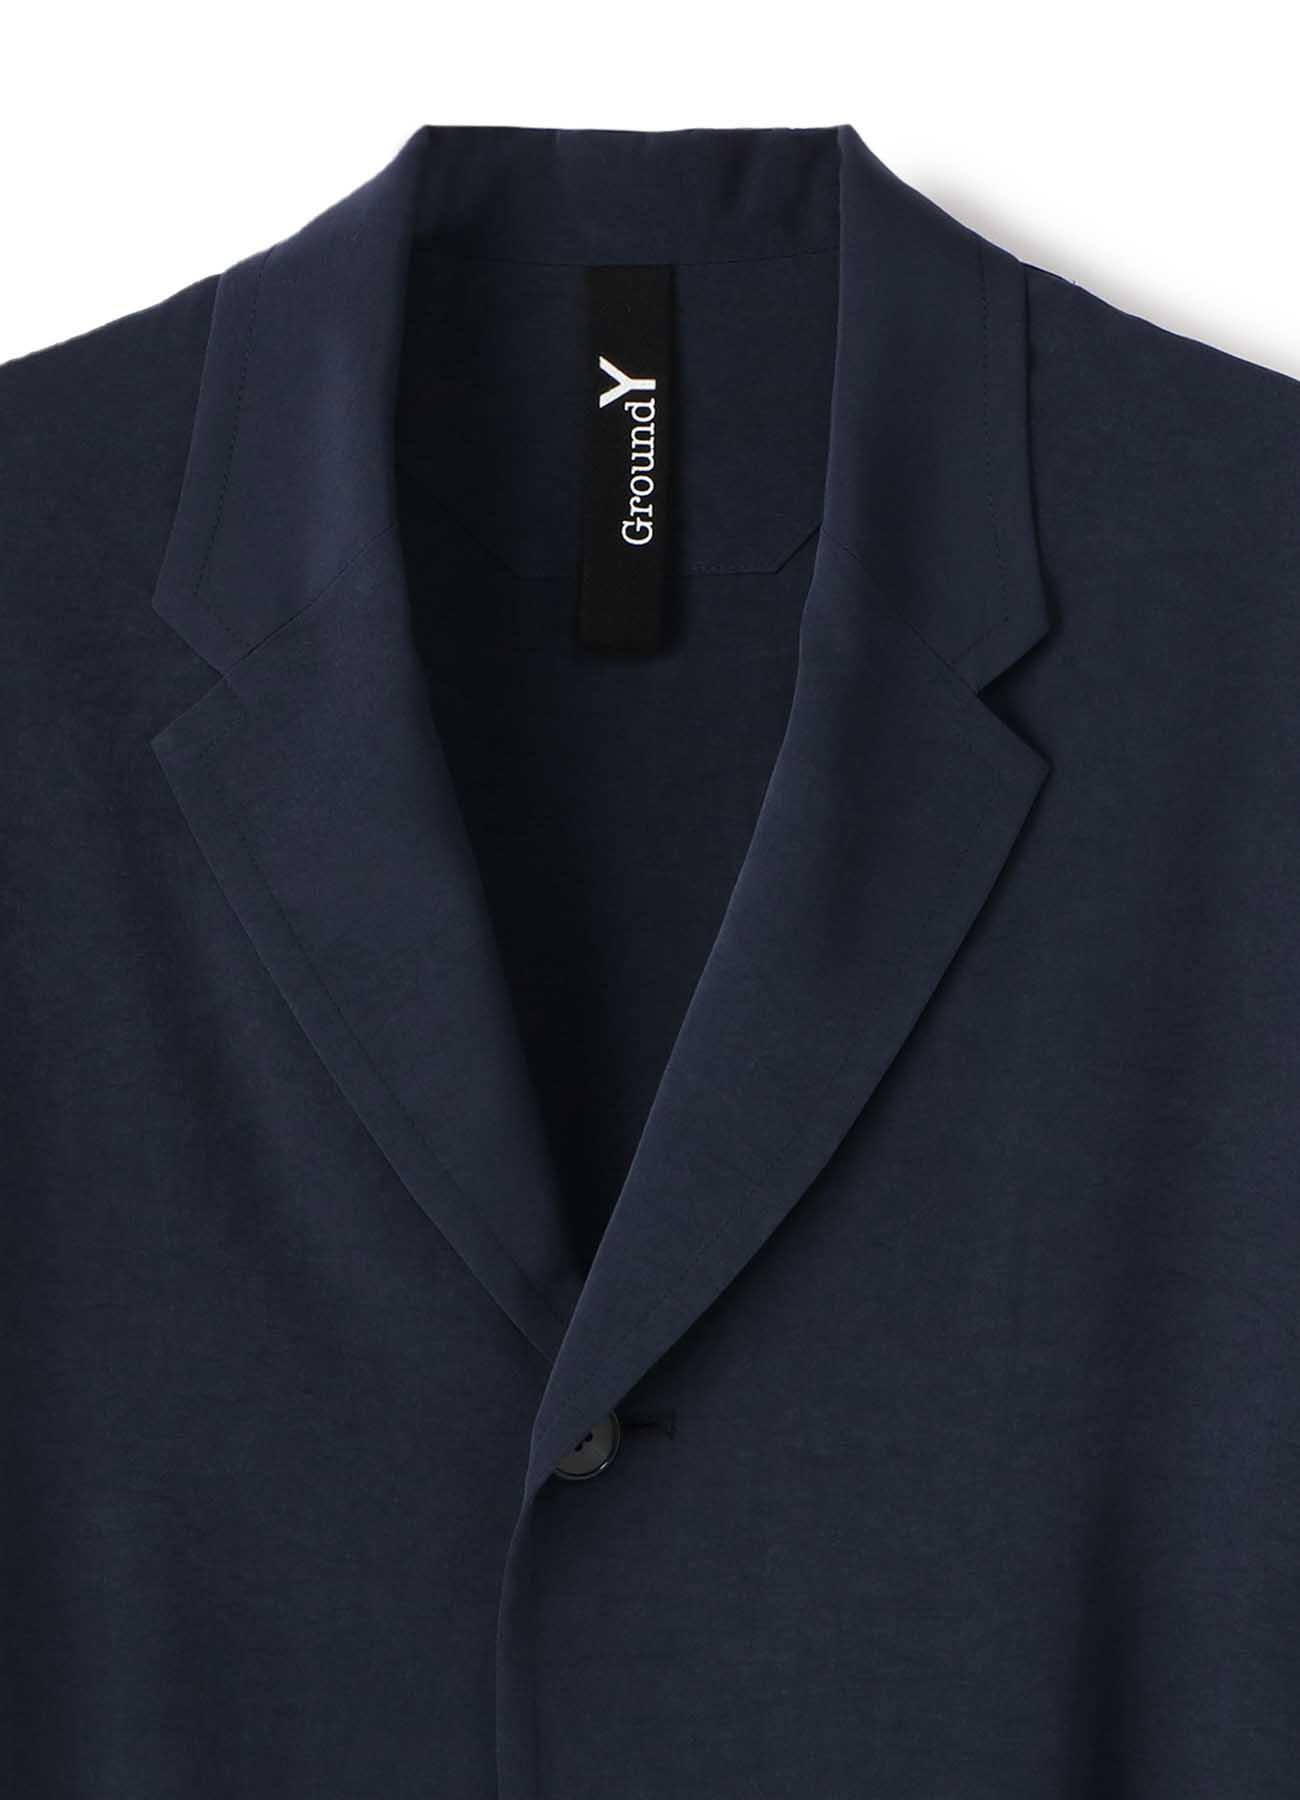 复古风情长款衬衫外套